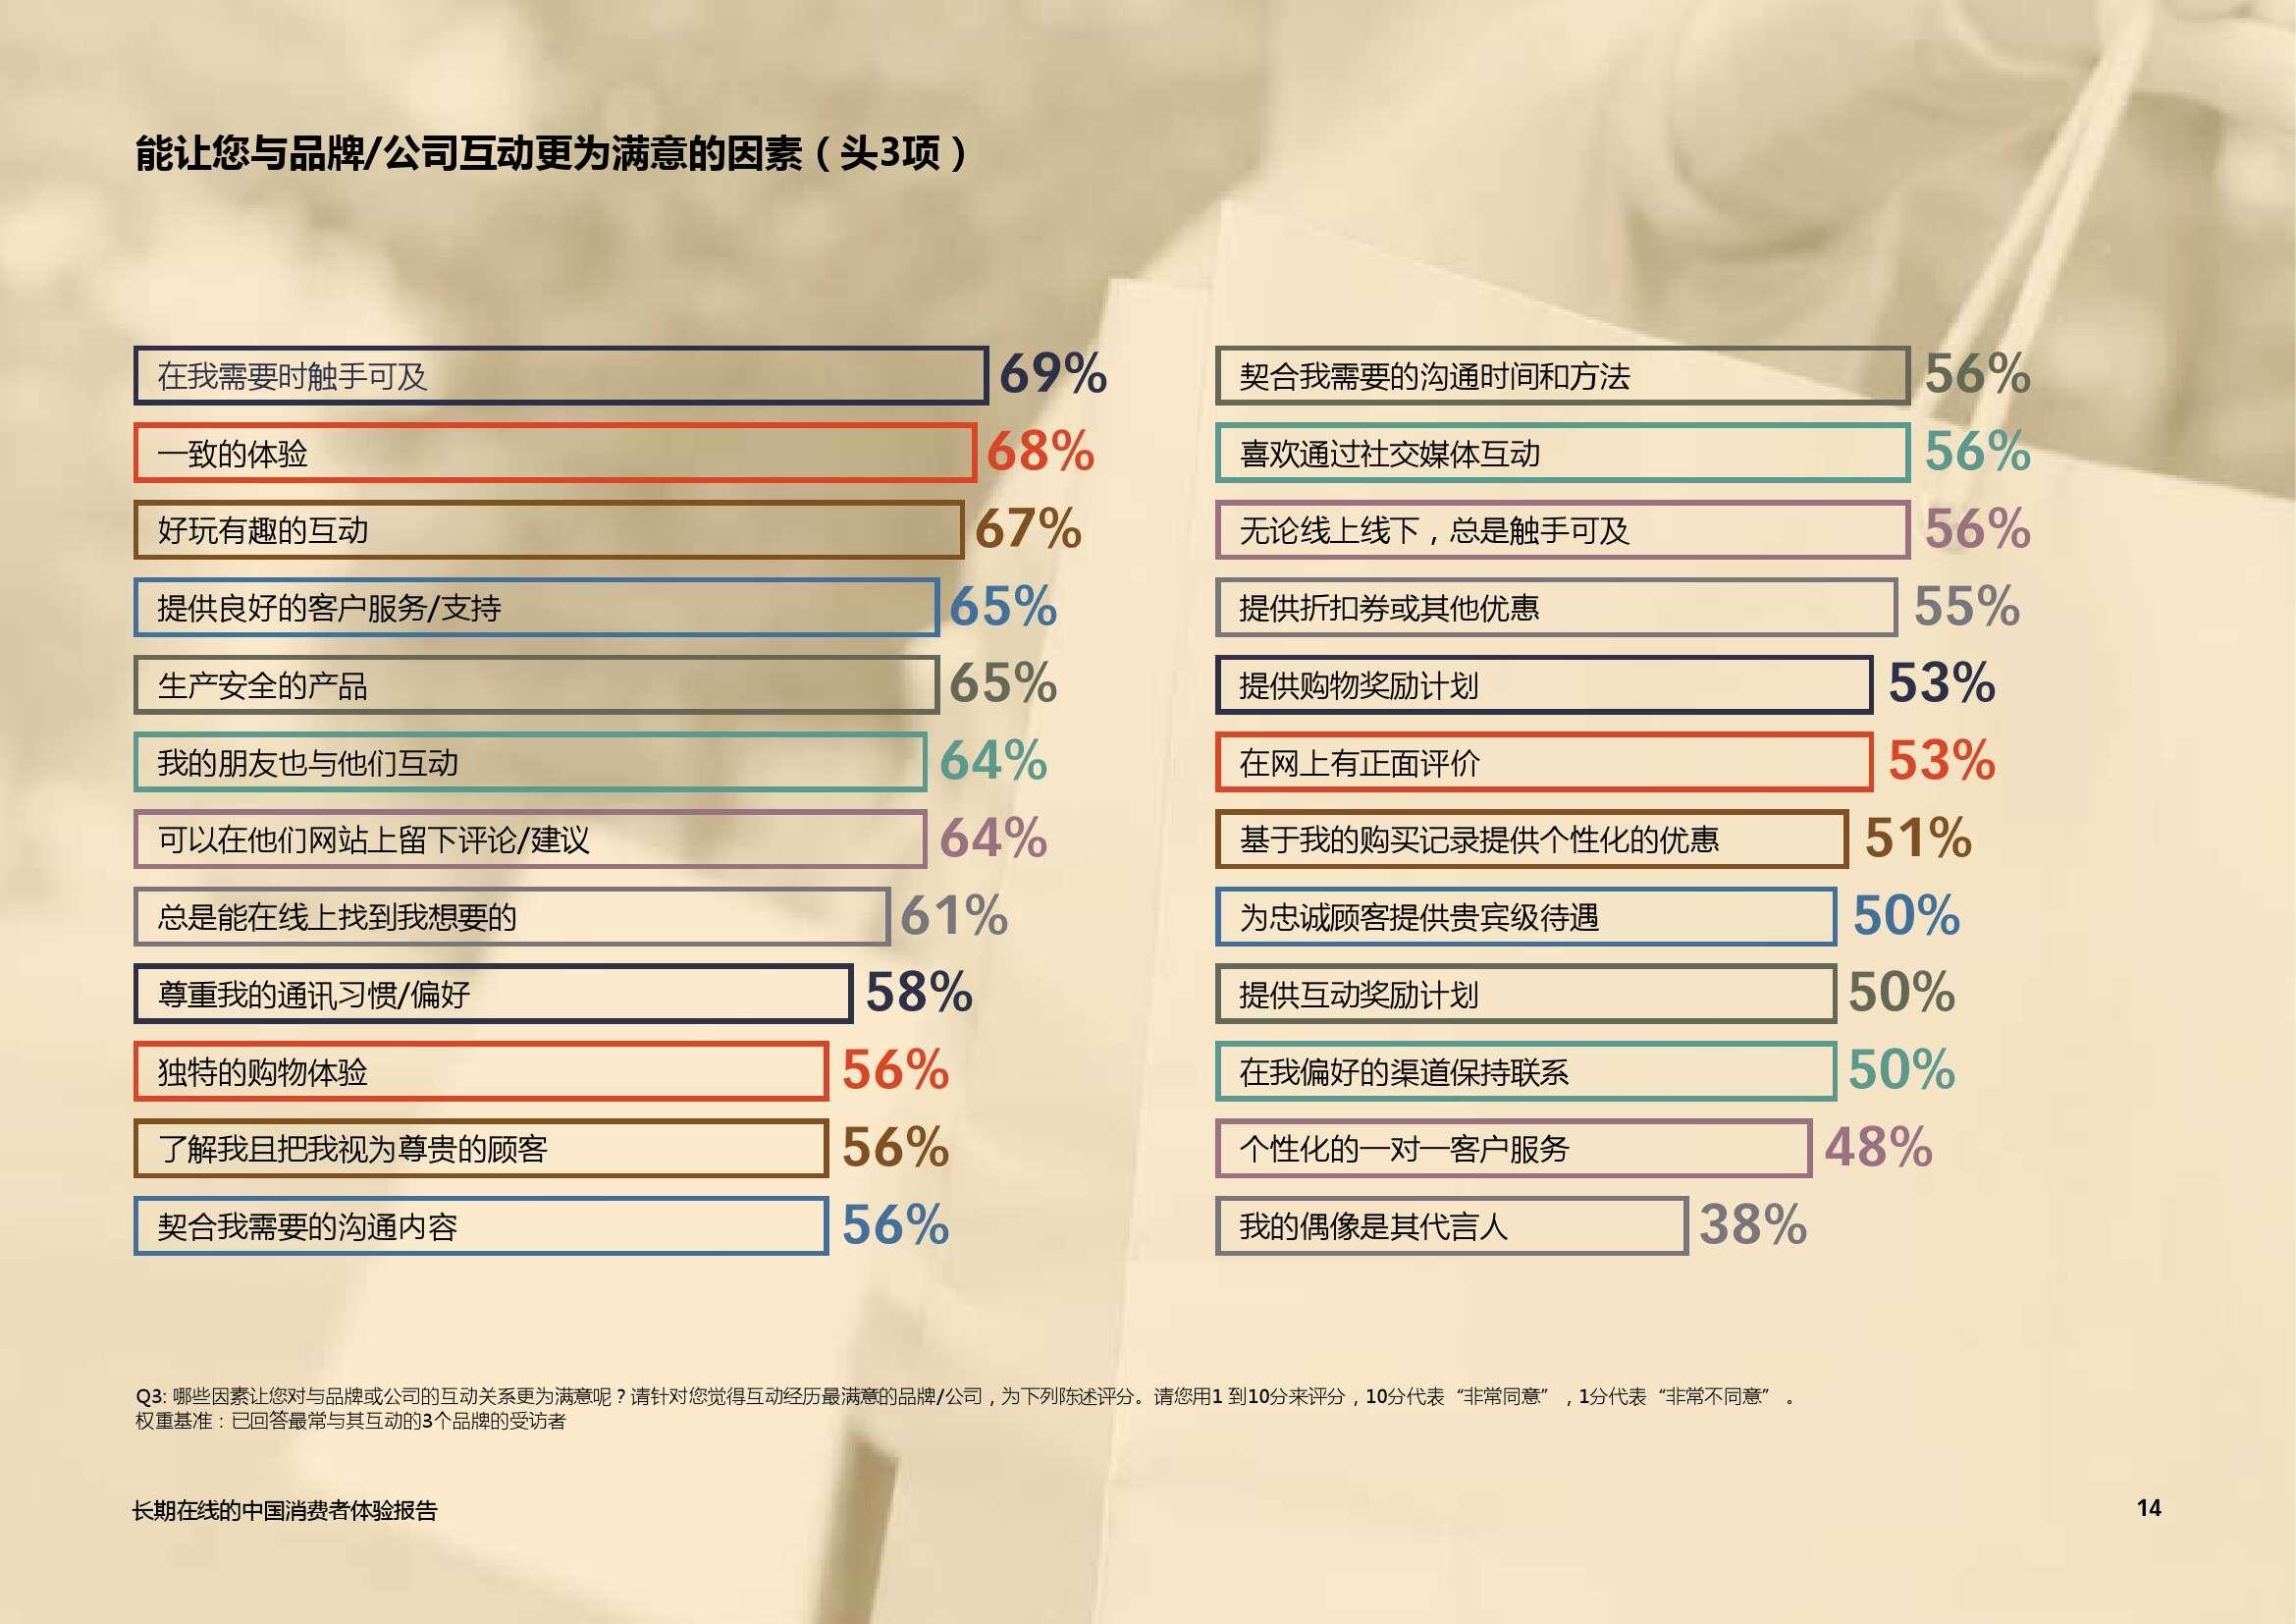 艾司隆 (Epsilon):2015中国消费者品牌体验报告_000014